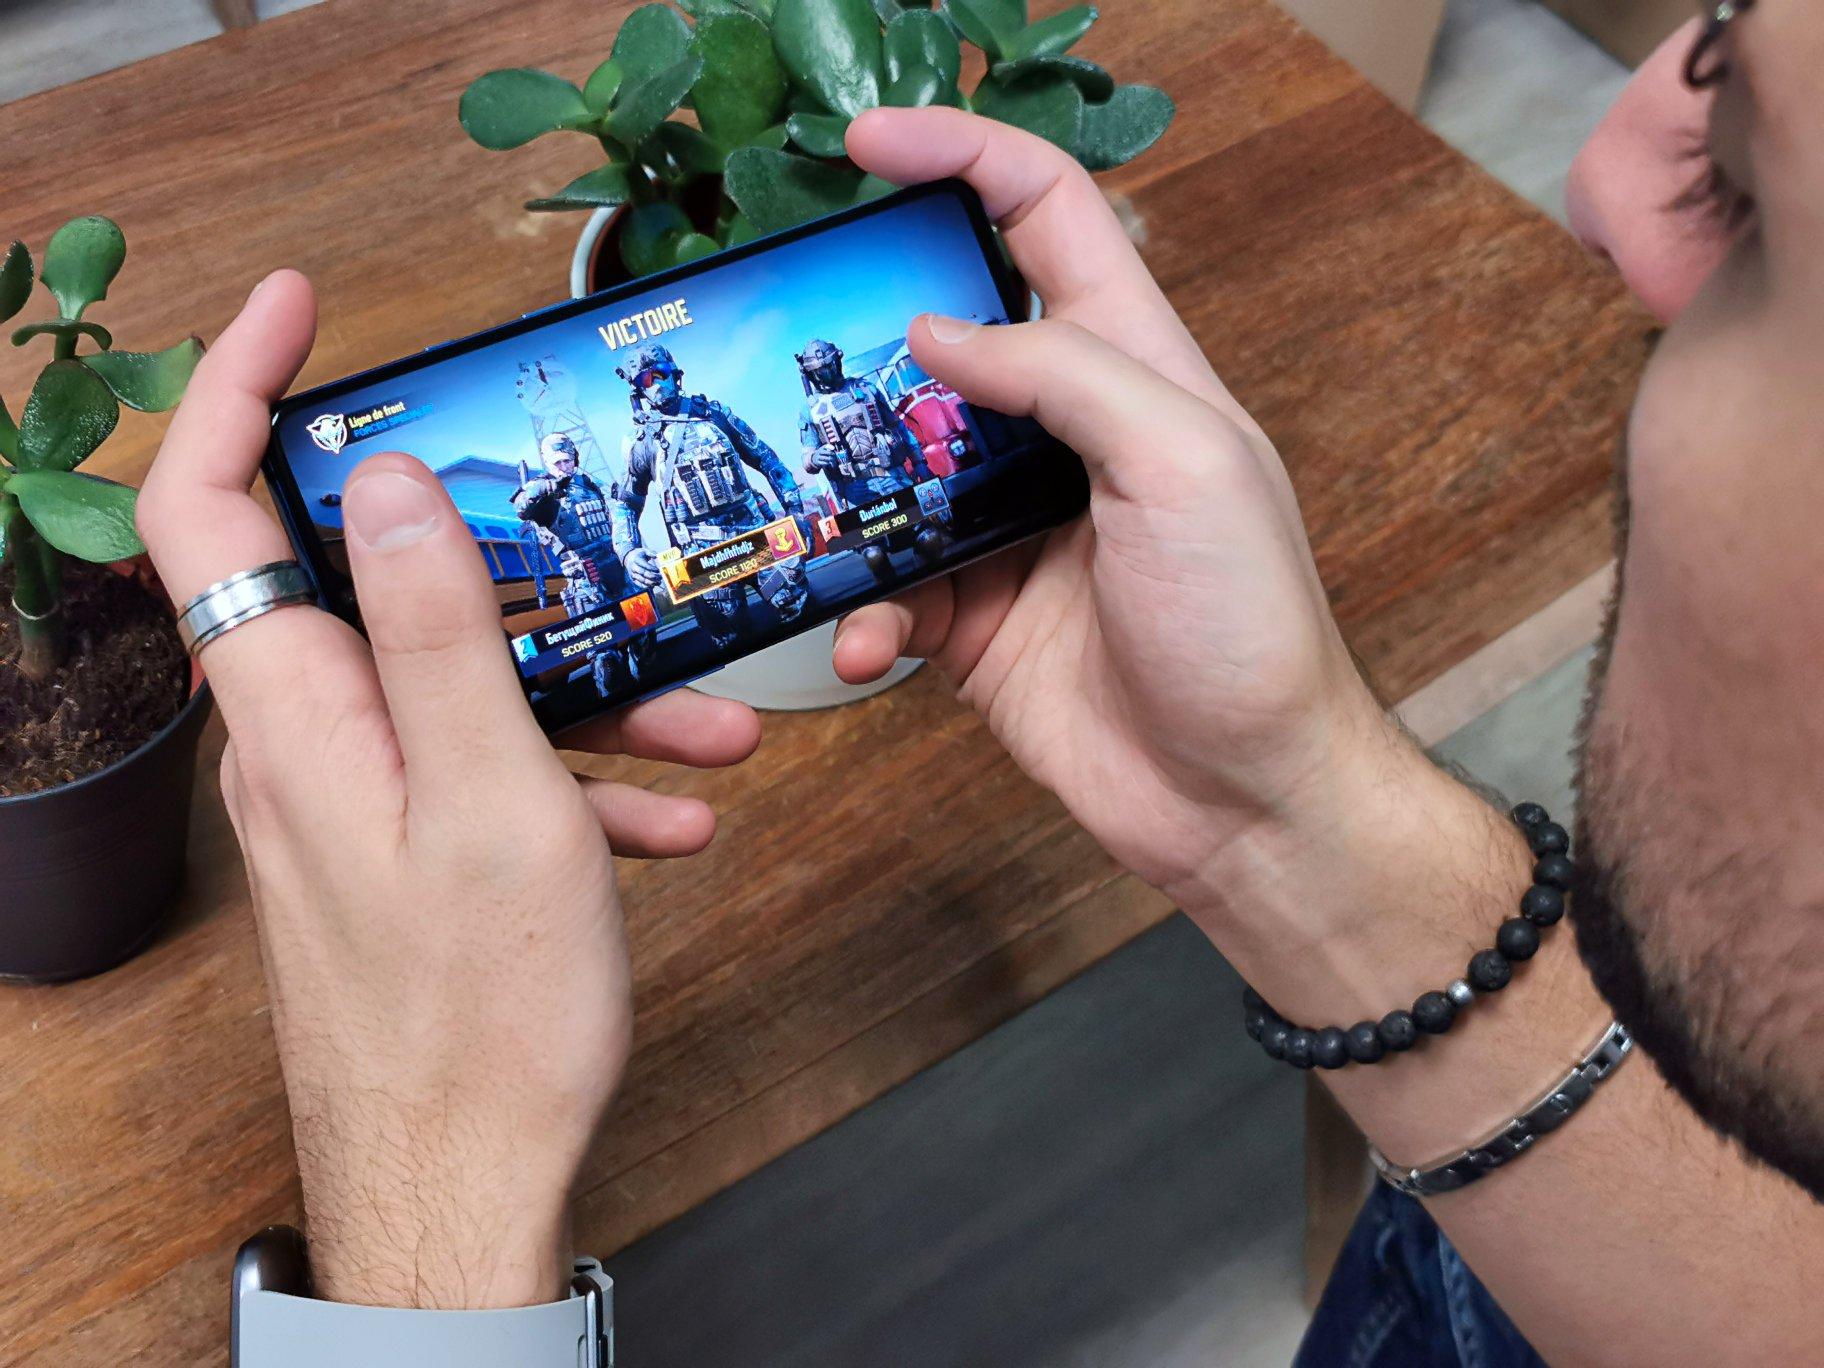 Les Meilleurs Fps Et Tps (Jeux De Tir) Sur Android Et Iphone intérieur Tout Les Jeux De Fille Gratuit